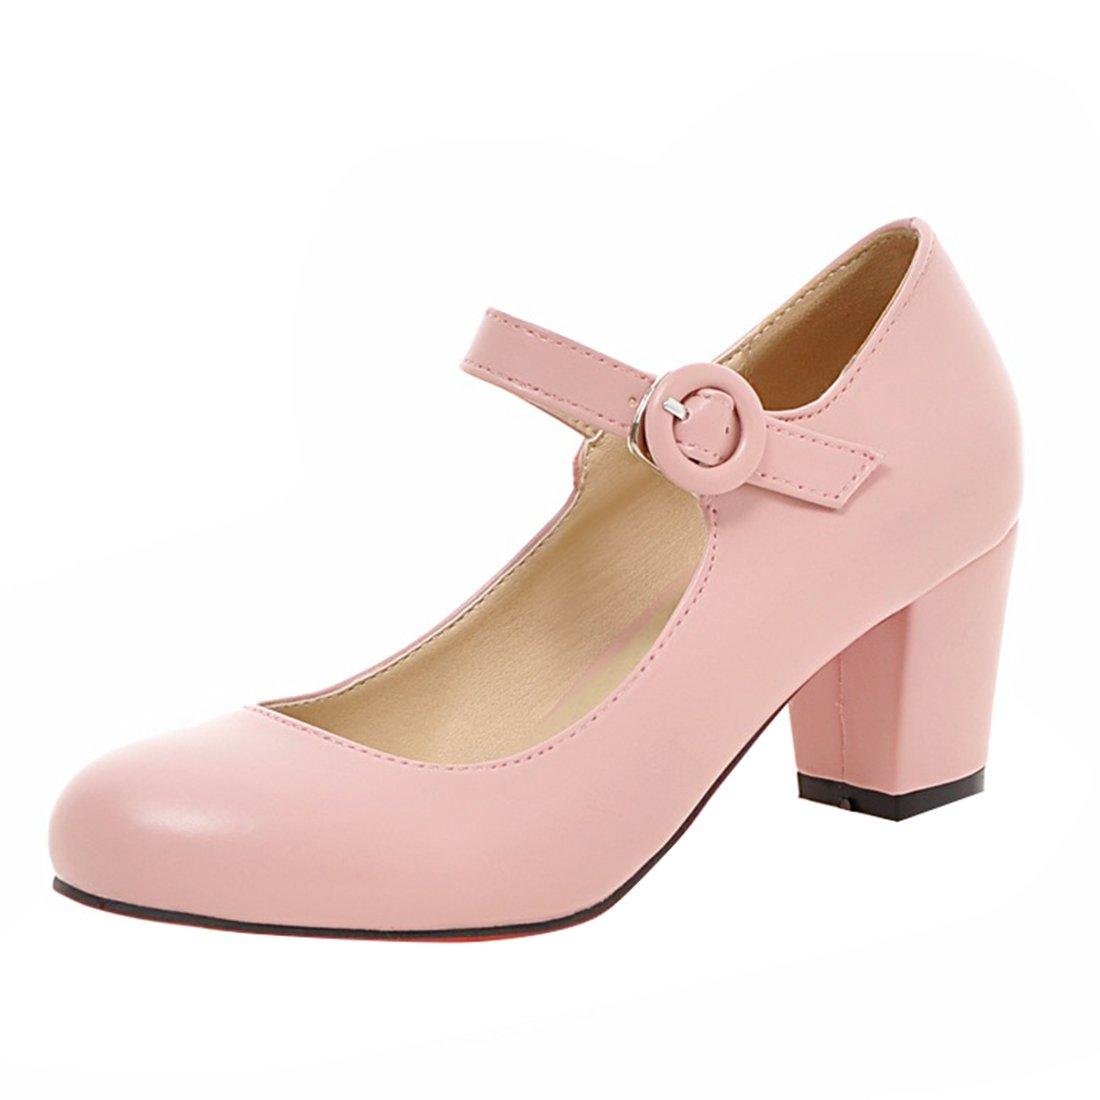 YE Damen Mary Janes Pumps Blockabsatz High Heels mit Riemchen Elegant Schuhe  35 EU|Rosa